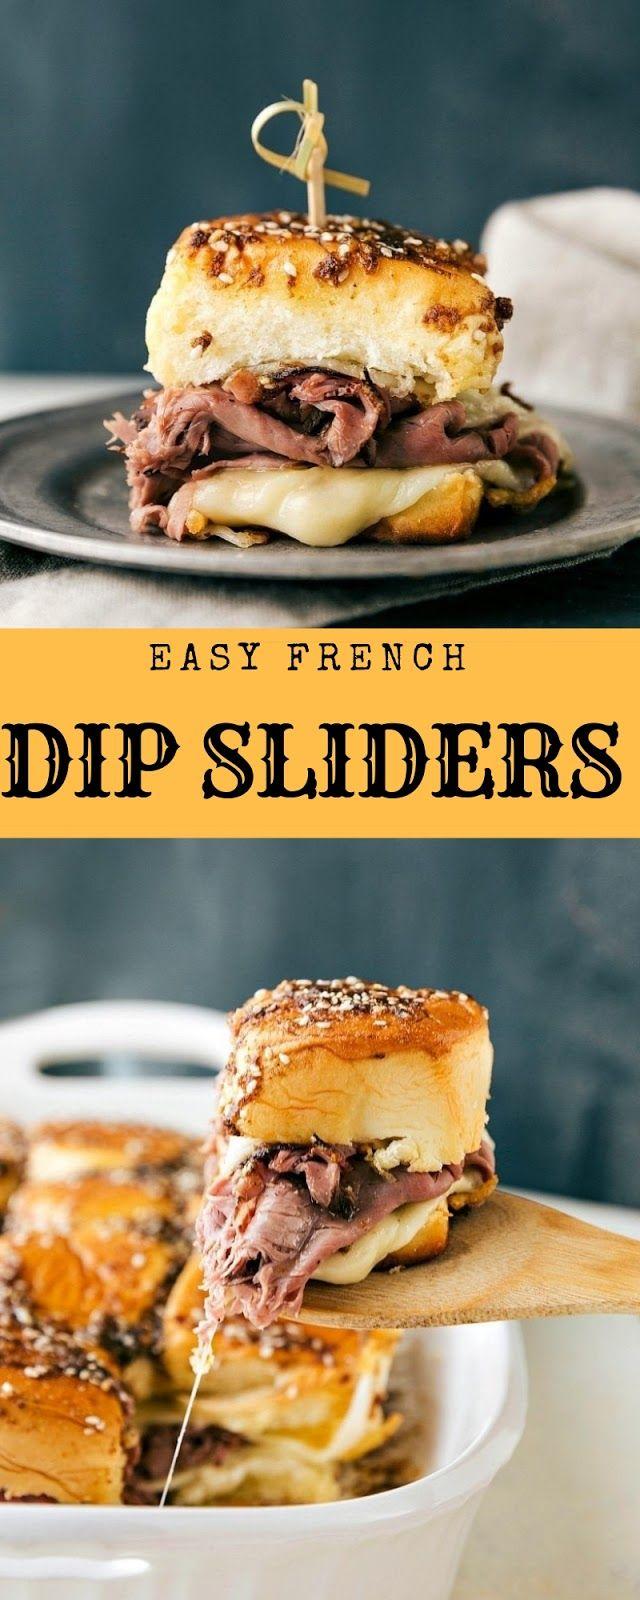 Easy French Dip Sliders #christmas #dinner images